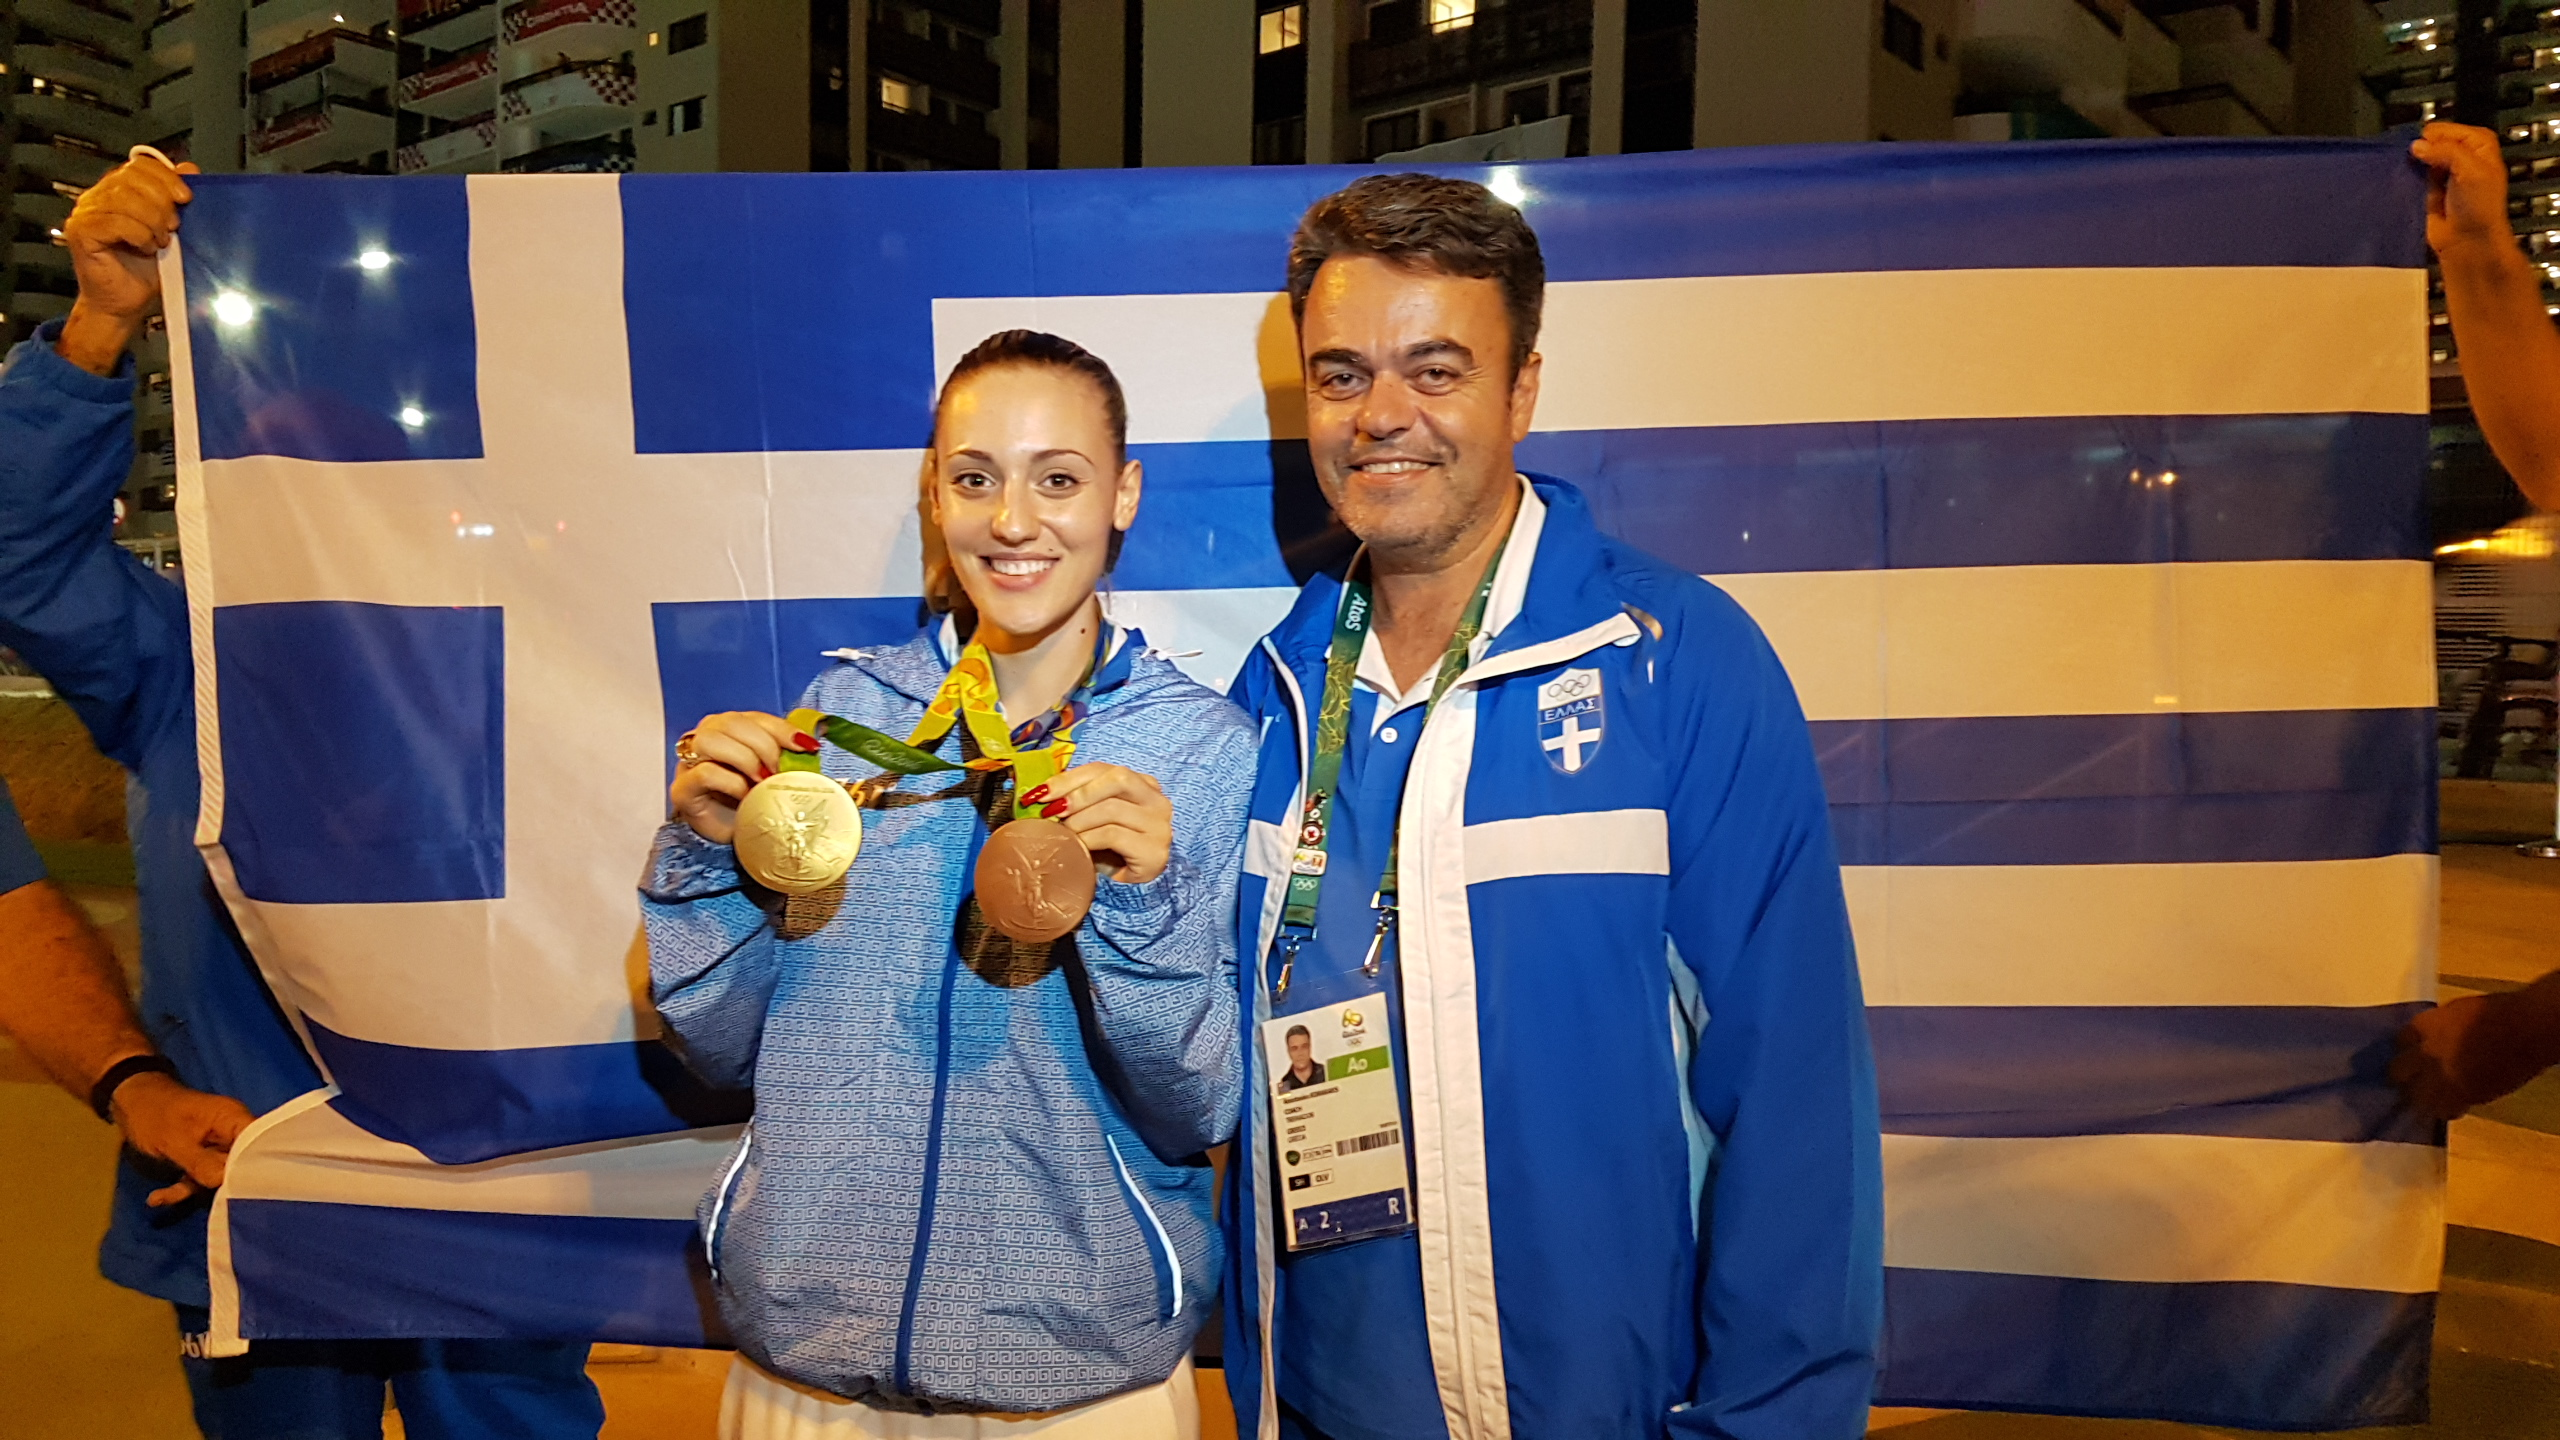 Άννα Κορακάκη Χρύσό και Αργυρό Μετάλλιο στο Ρίο 2016